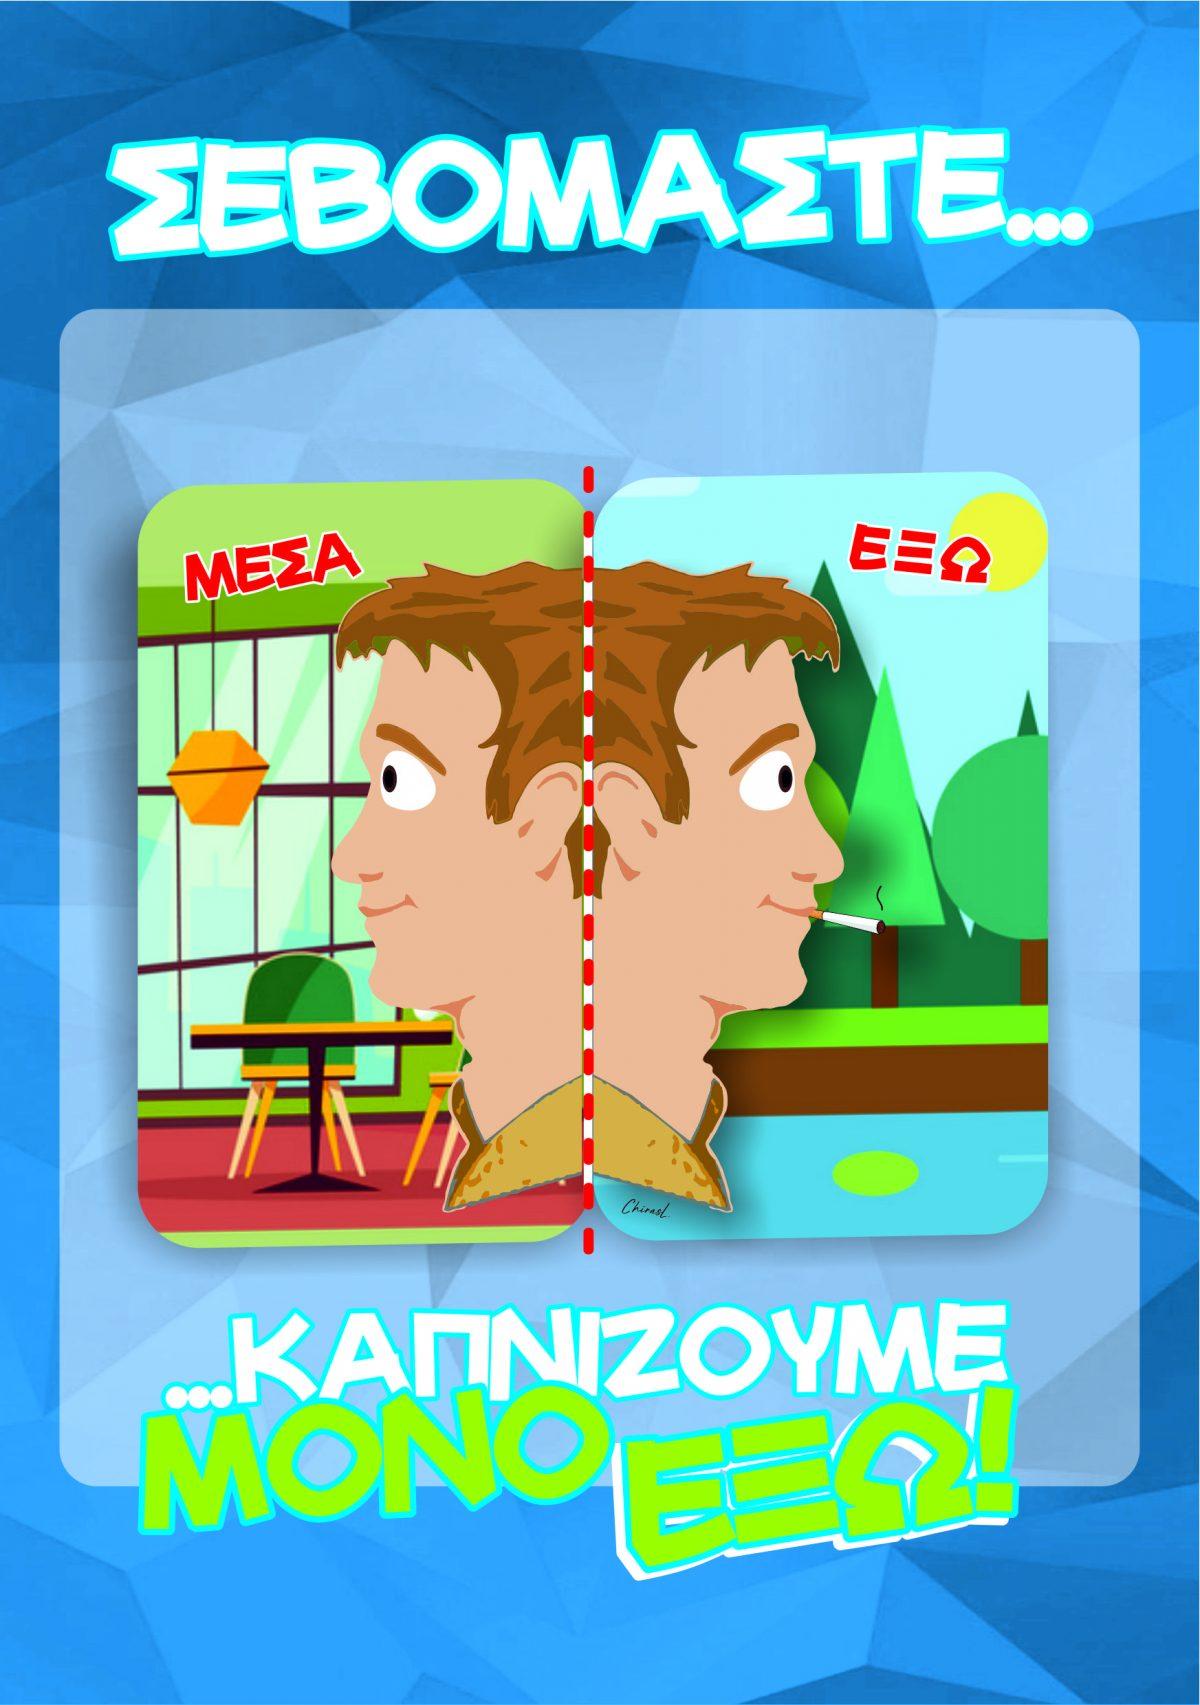 Η Περιφέρεια Δυτικής Ελλάδας για την Παγκόσμια Ημέρα κατά του Καπνίσματος